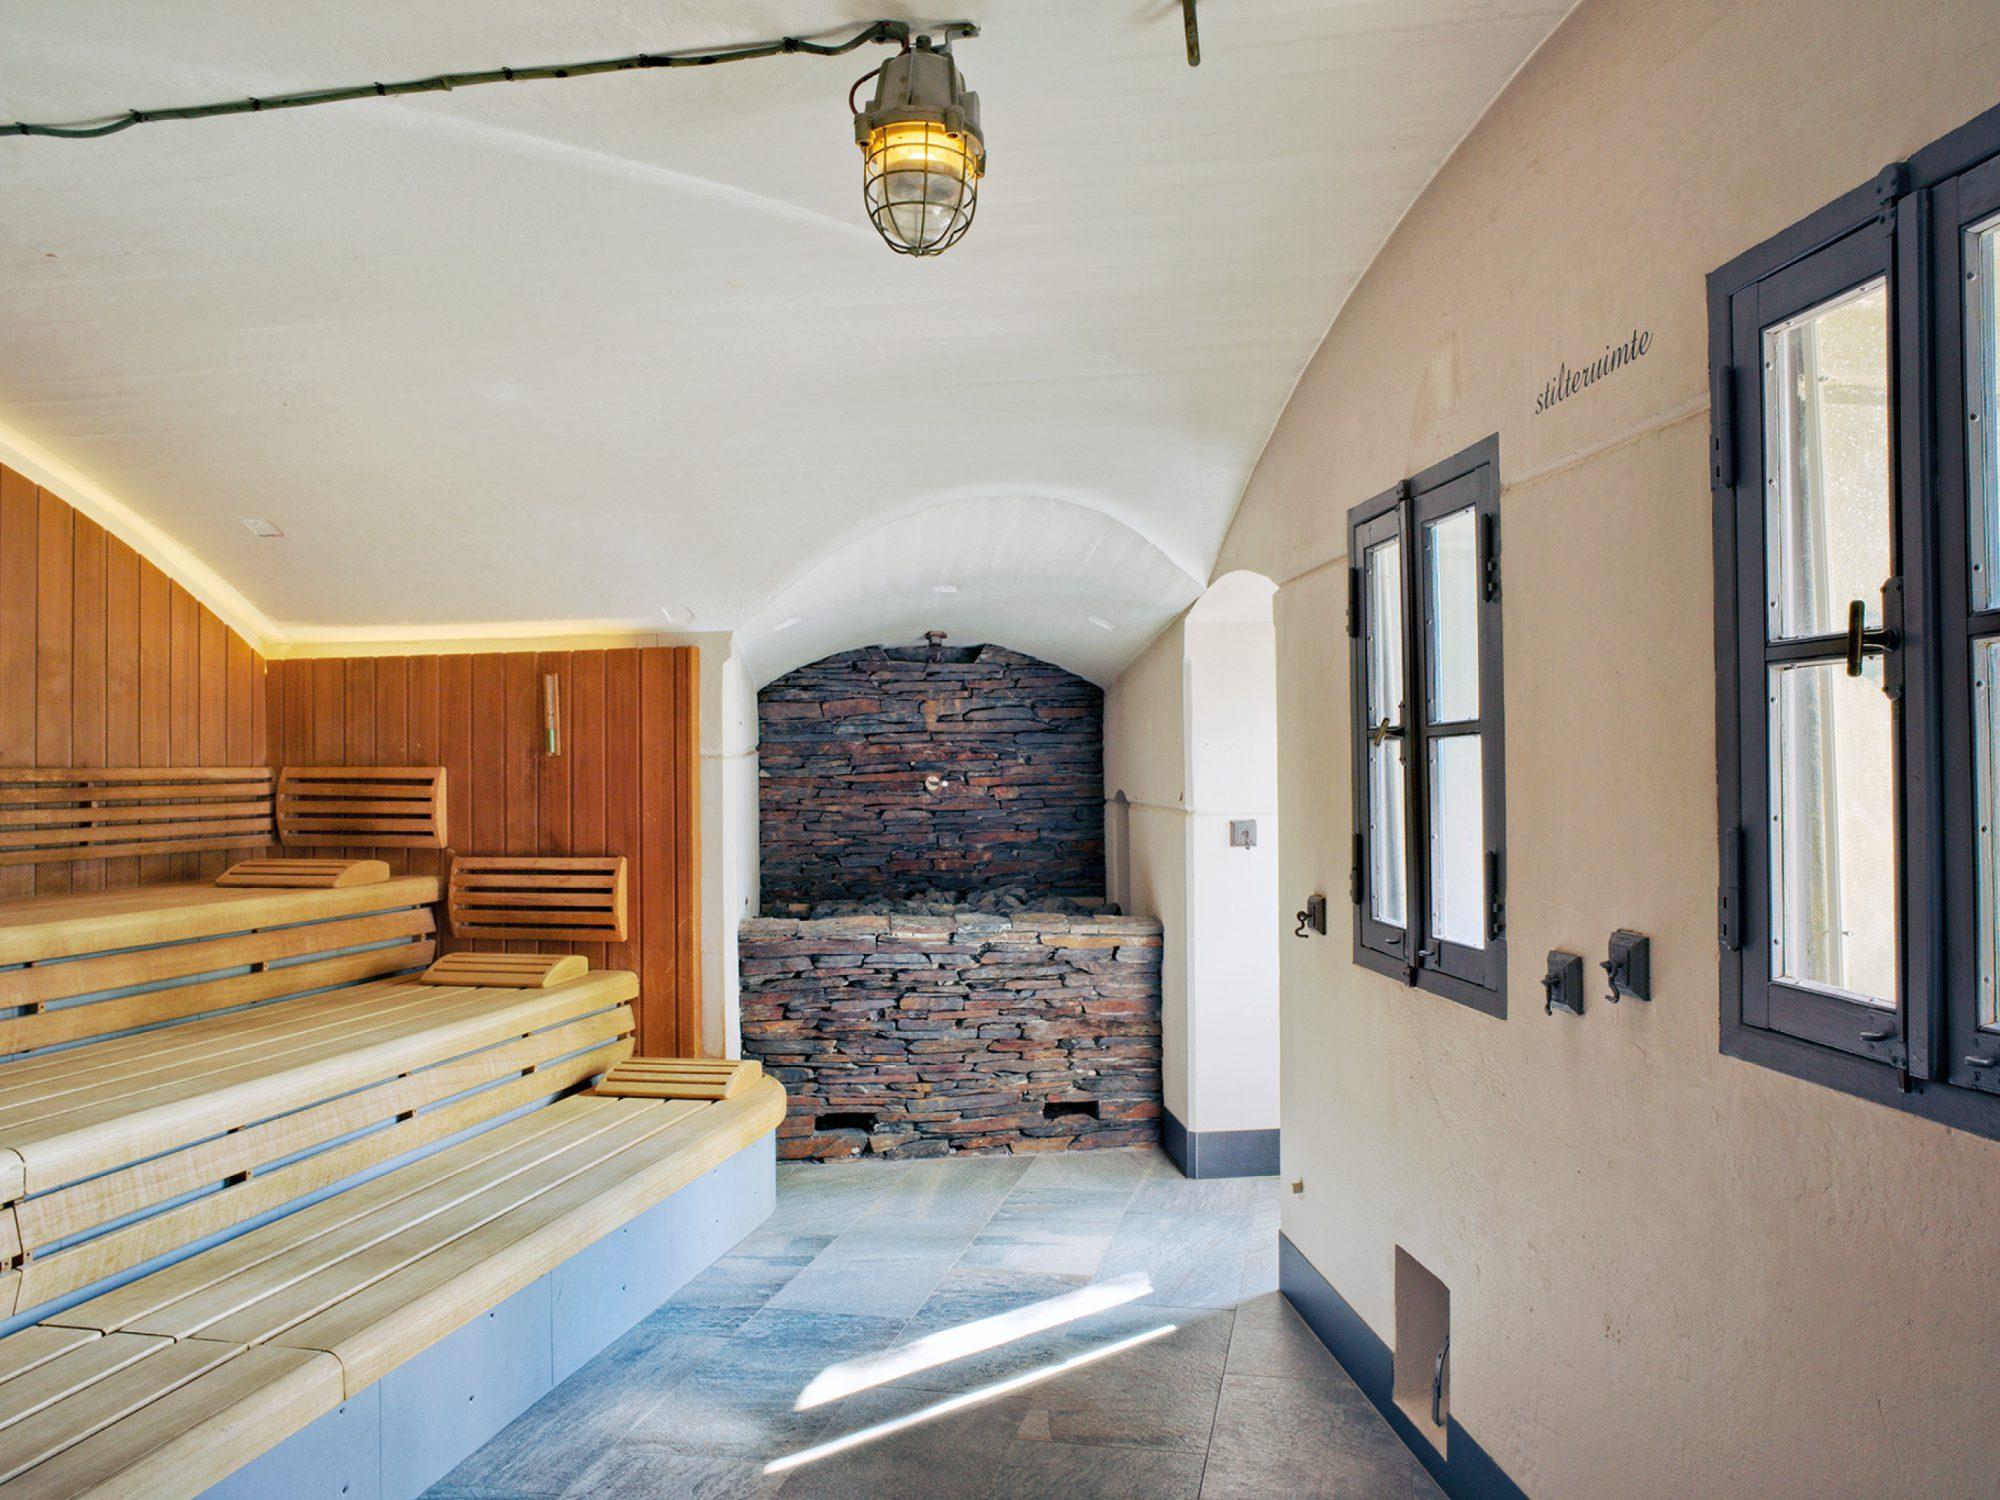 Een bijzondere faciliteit in de Spa & Wellness van Fort Resort Beemster is de vleermuissauna. Een warme sauna gelegen in het authenetieke fort.